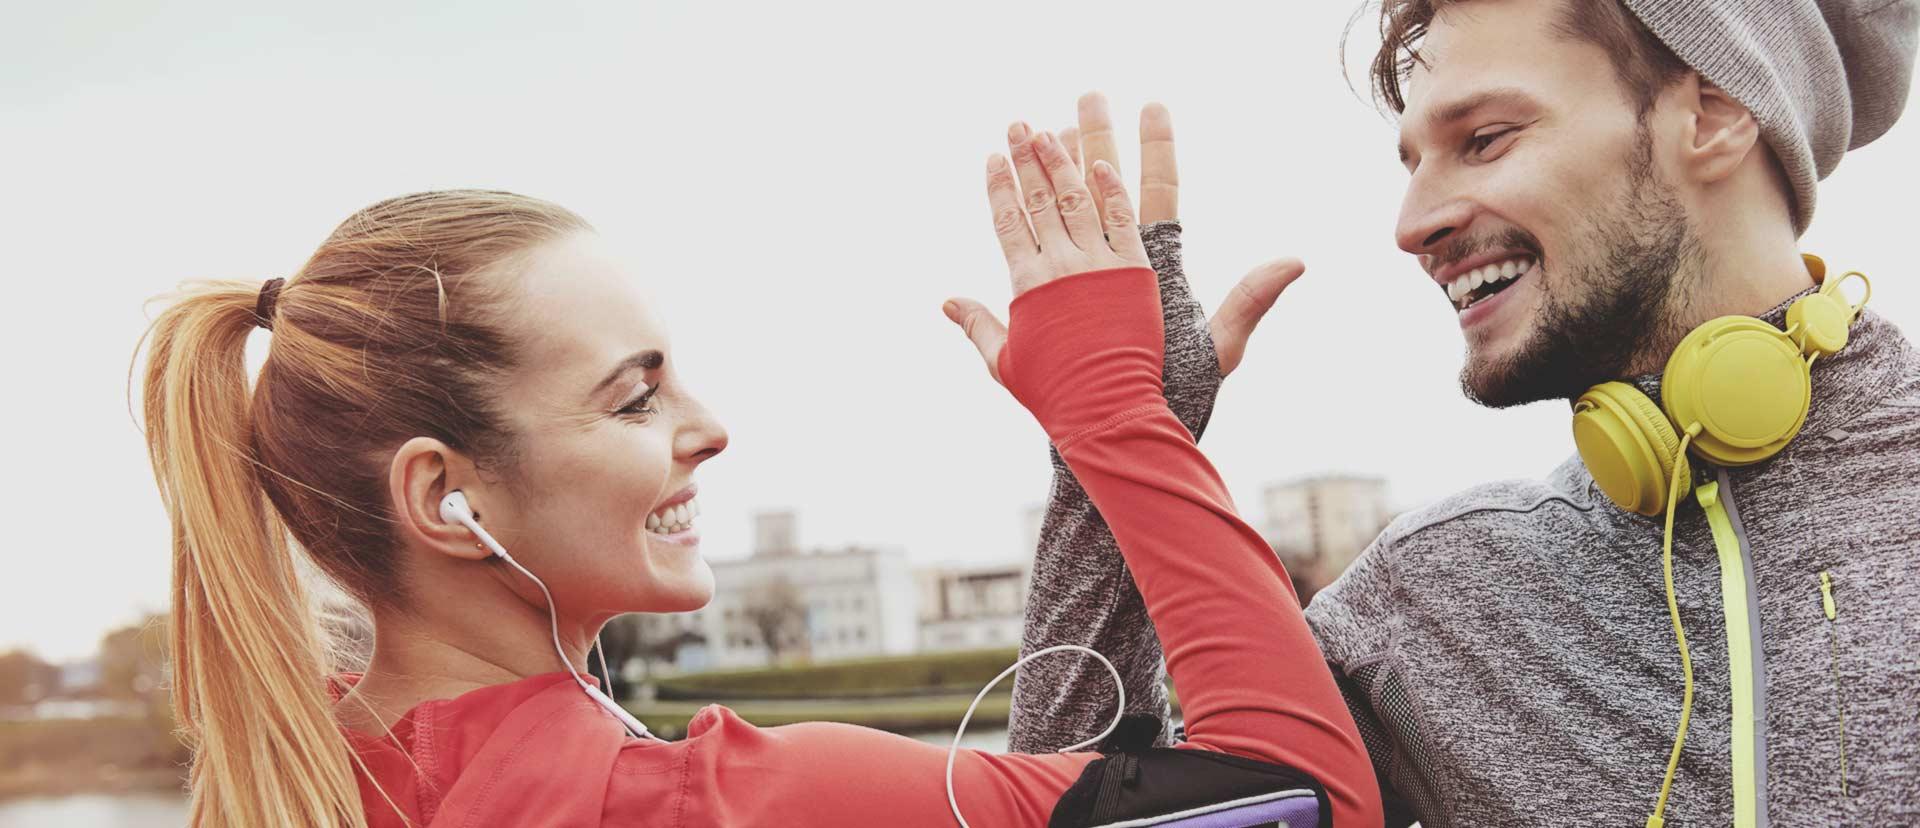 come riattivare i sedentari